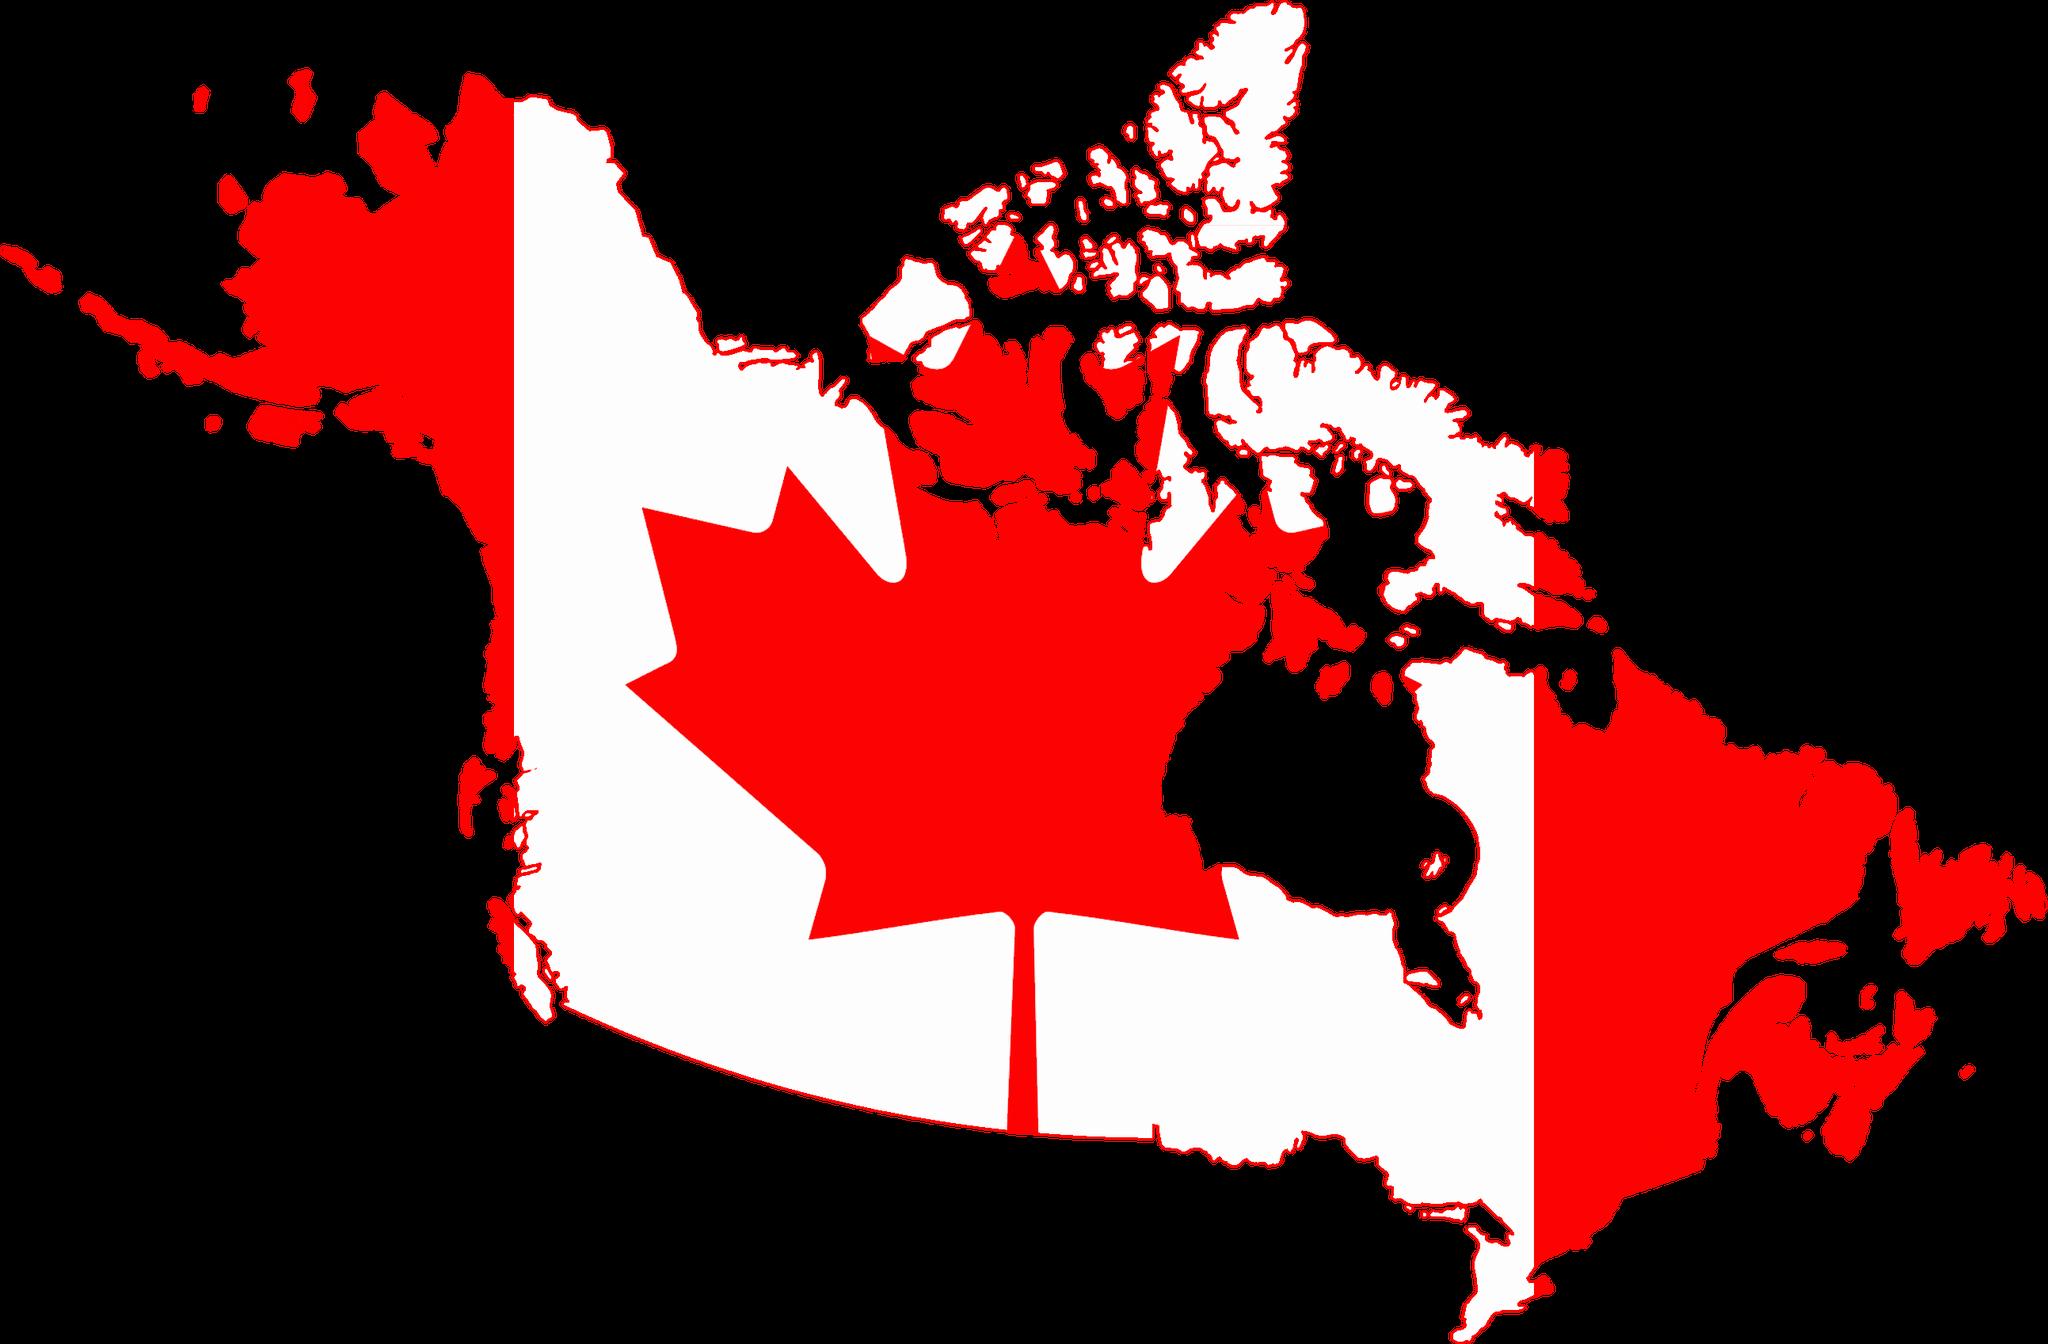 加拿大与中国贸易遭进一步冲击,商业代表怂了:请不要再激怒中国